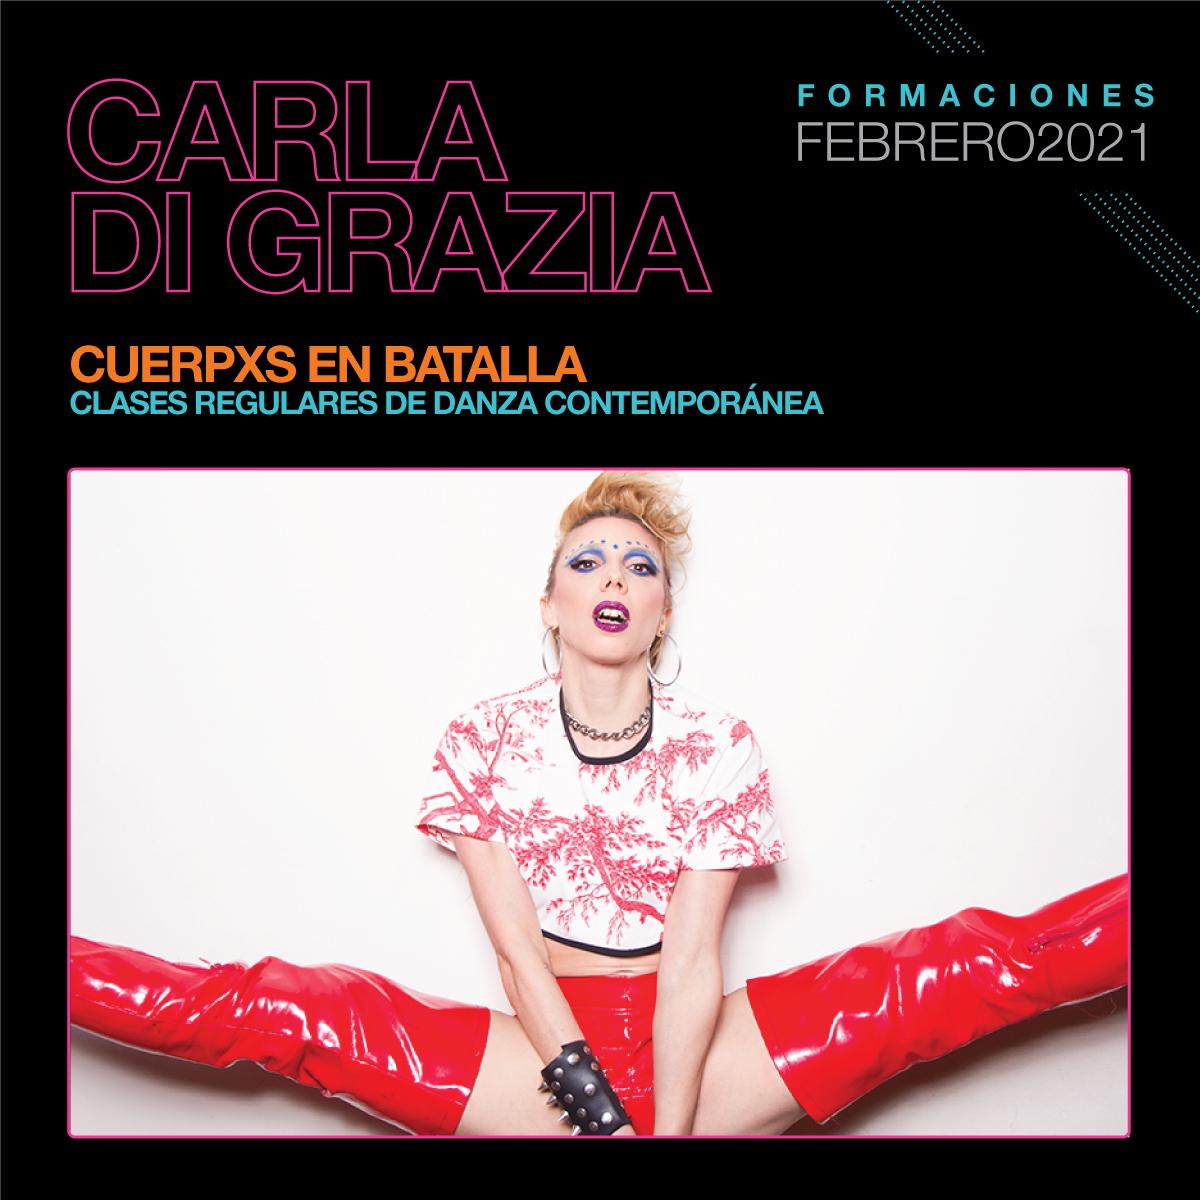 Carla-Di-Gracia-Planta-Inclan